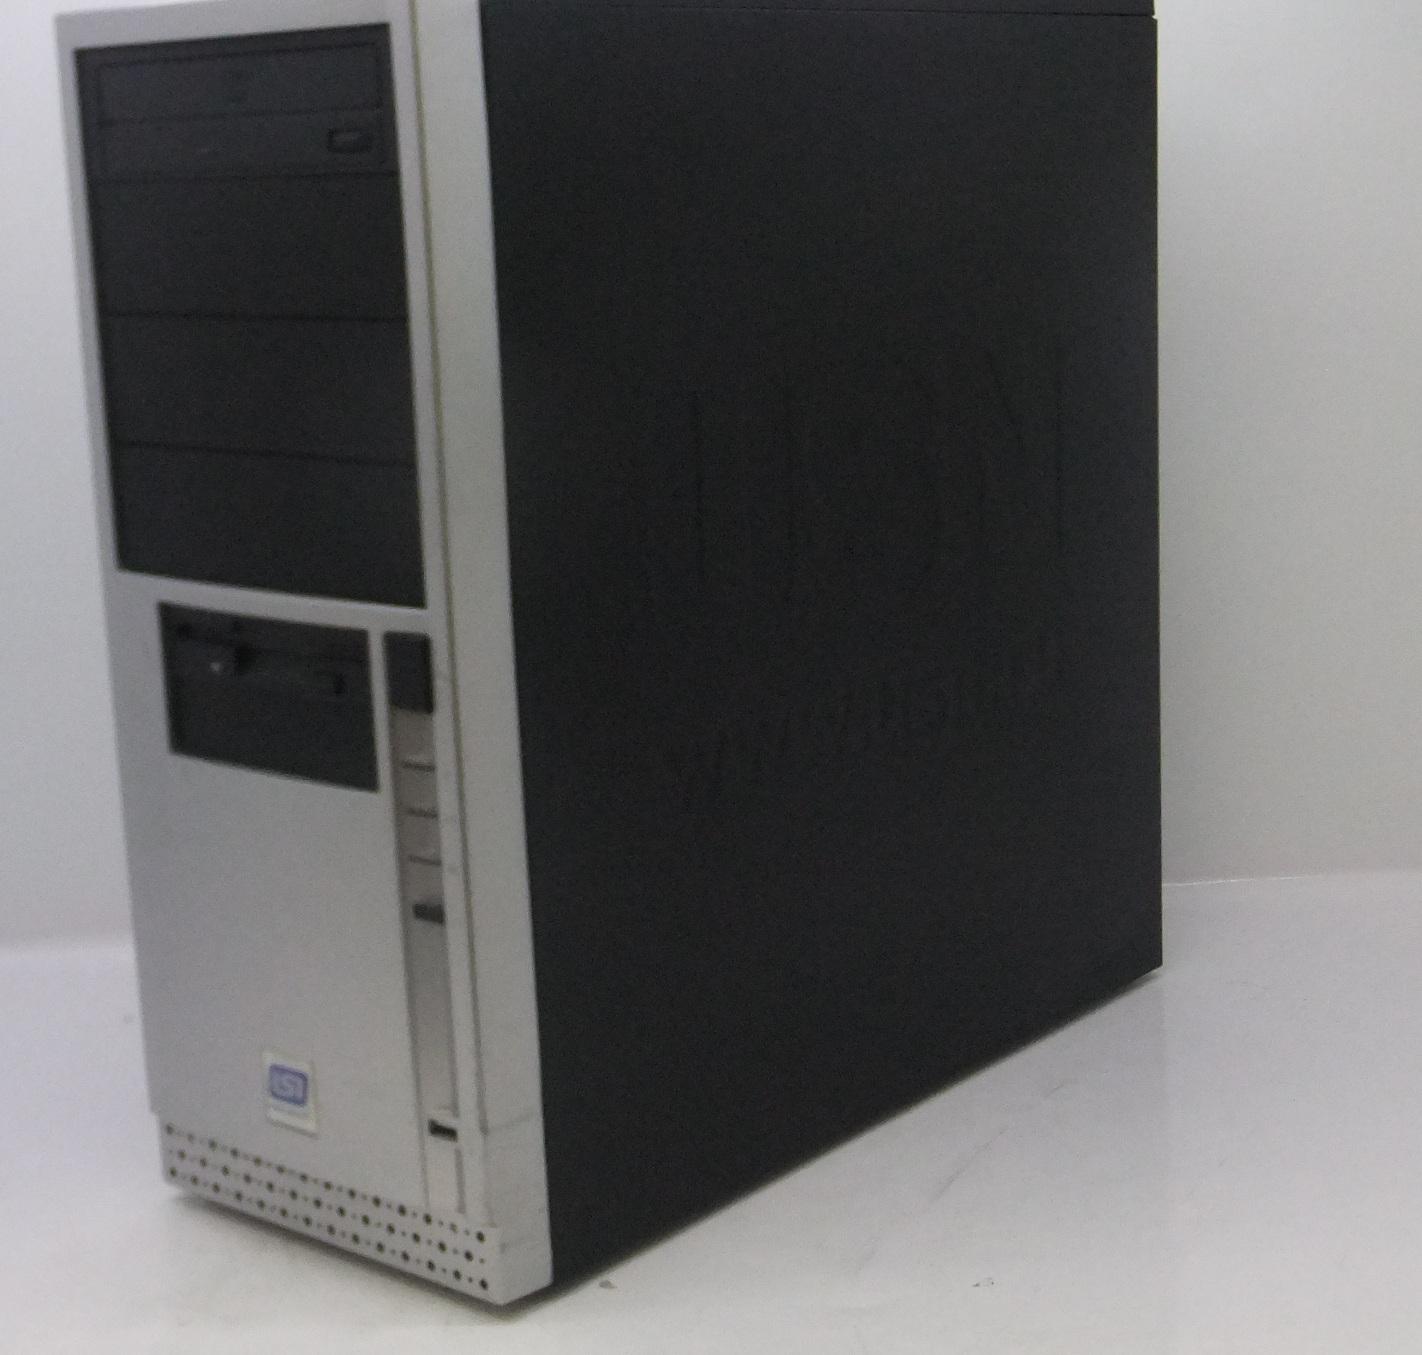 Профессиональный ремонт компьютеров по доступным ценам